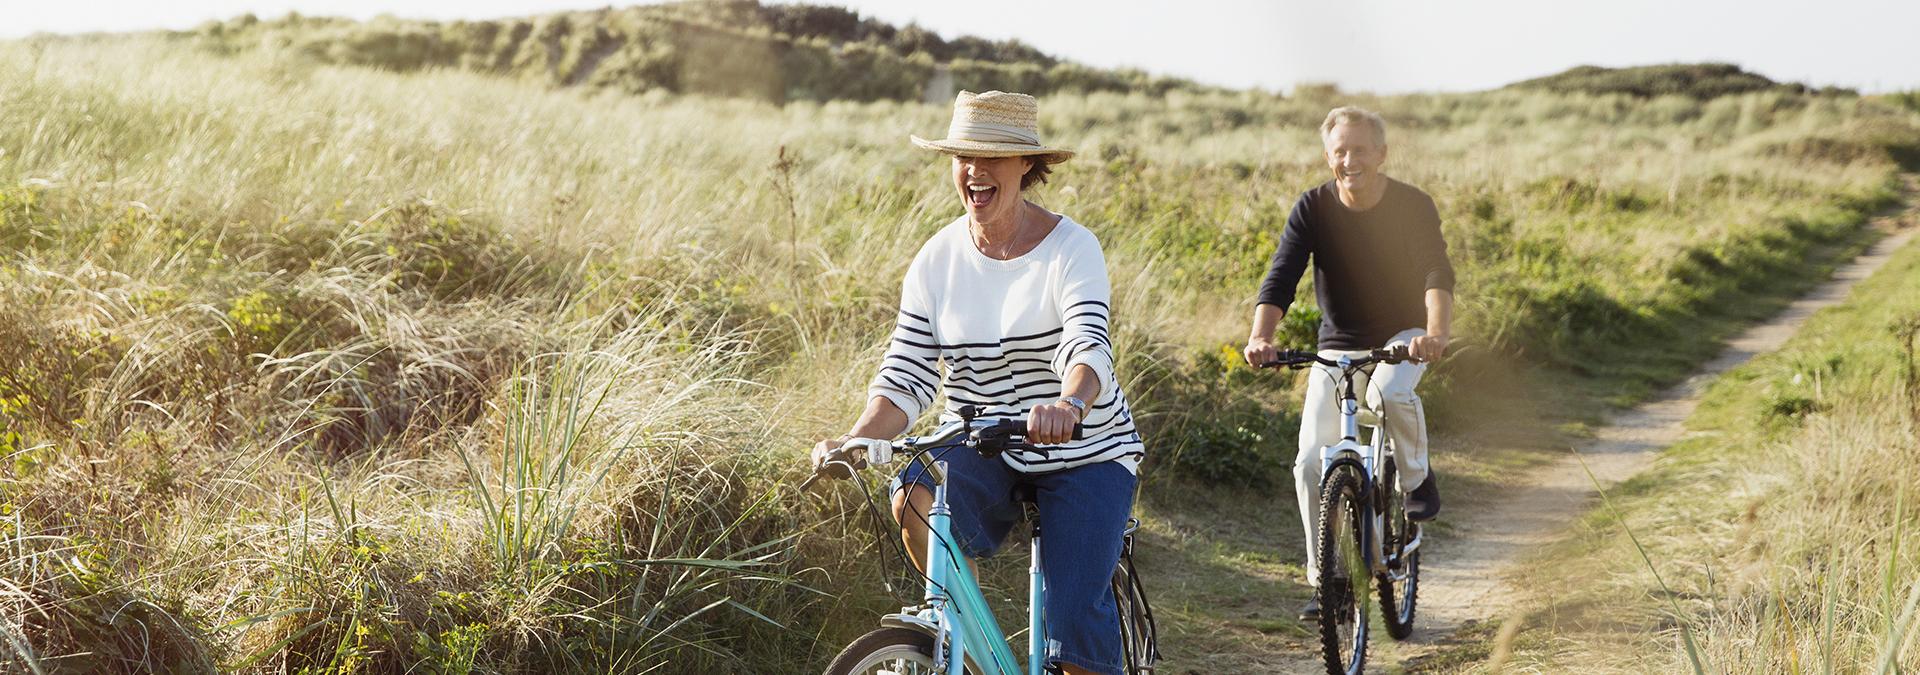 Seniors : l'eldorado oublié de la grande consommation